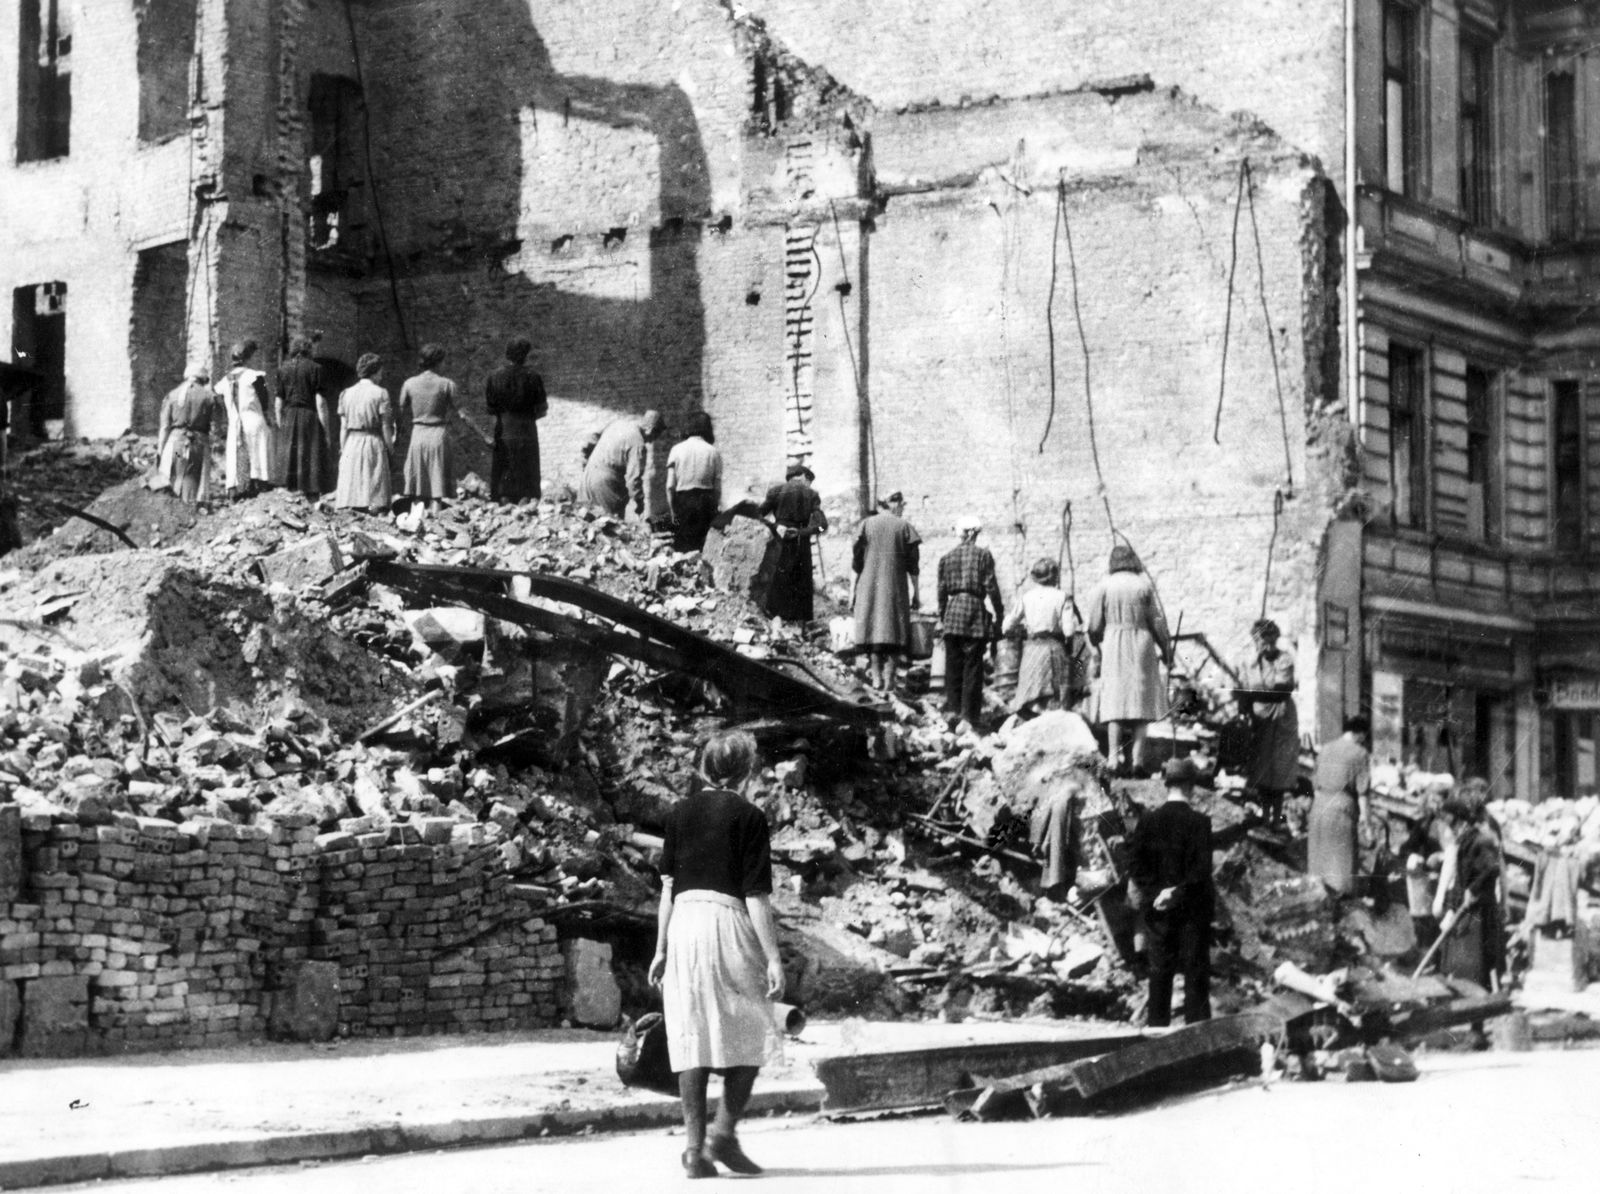 Zweiter Weltkrieg - Trümmerfrauen in Berlin